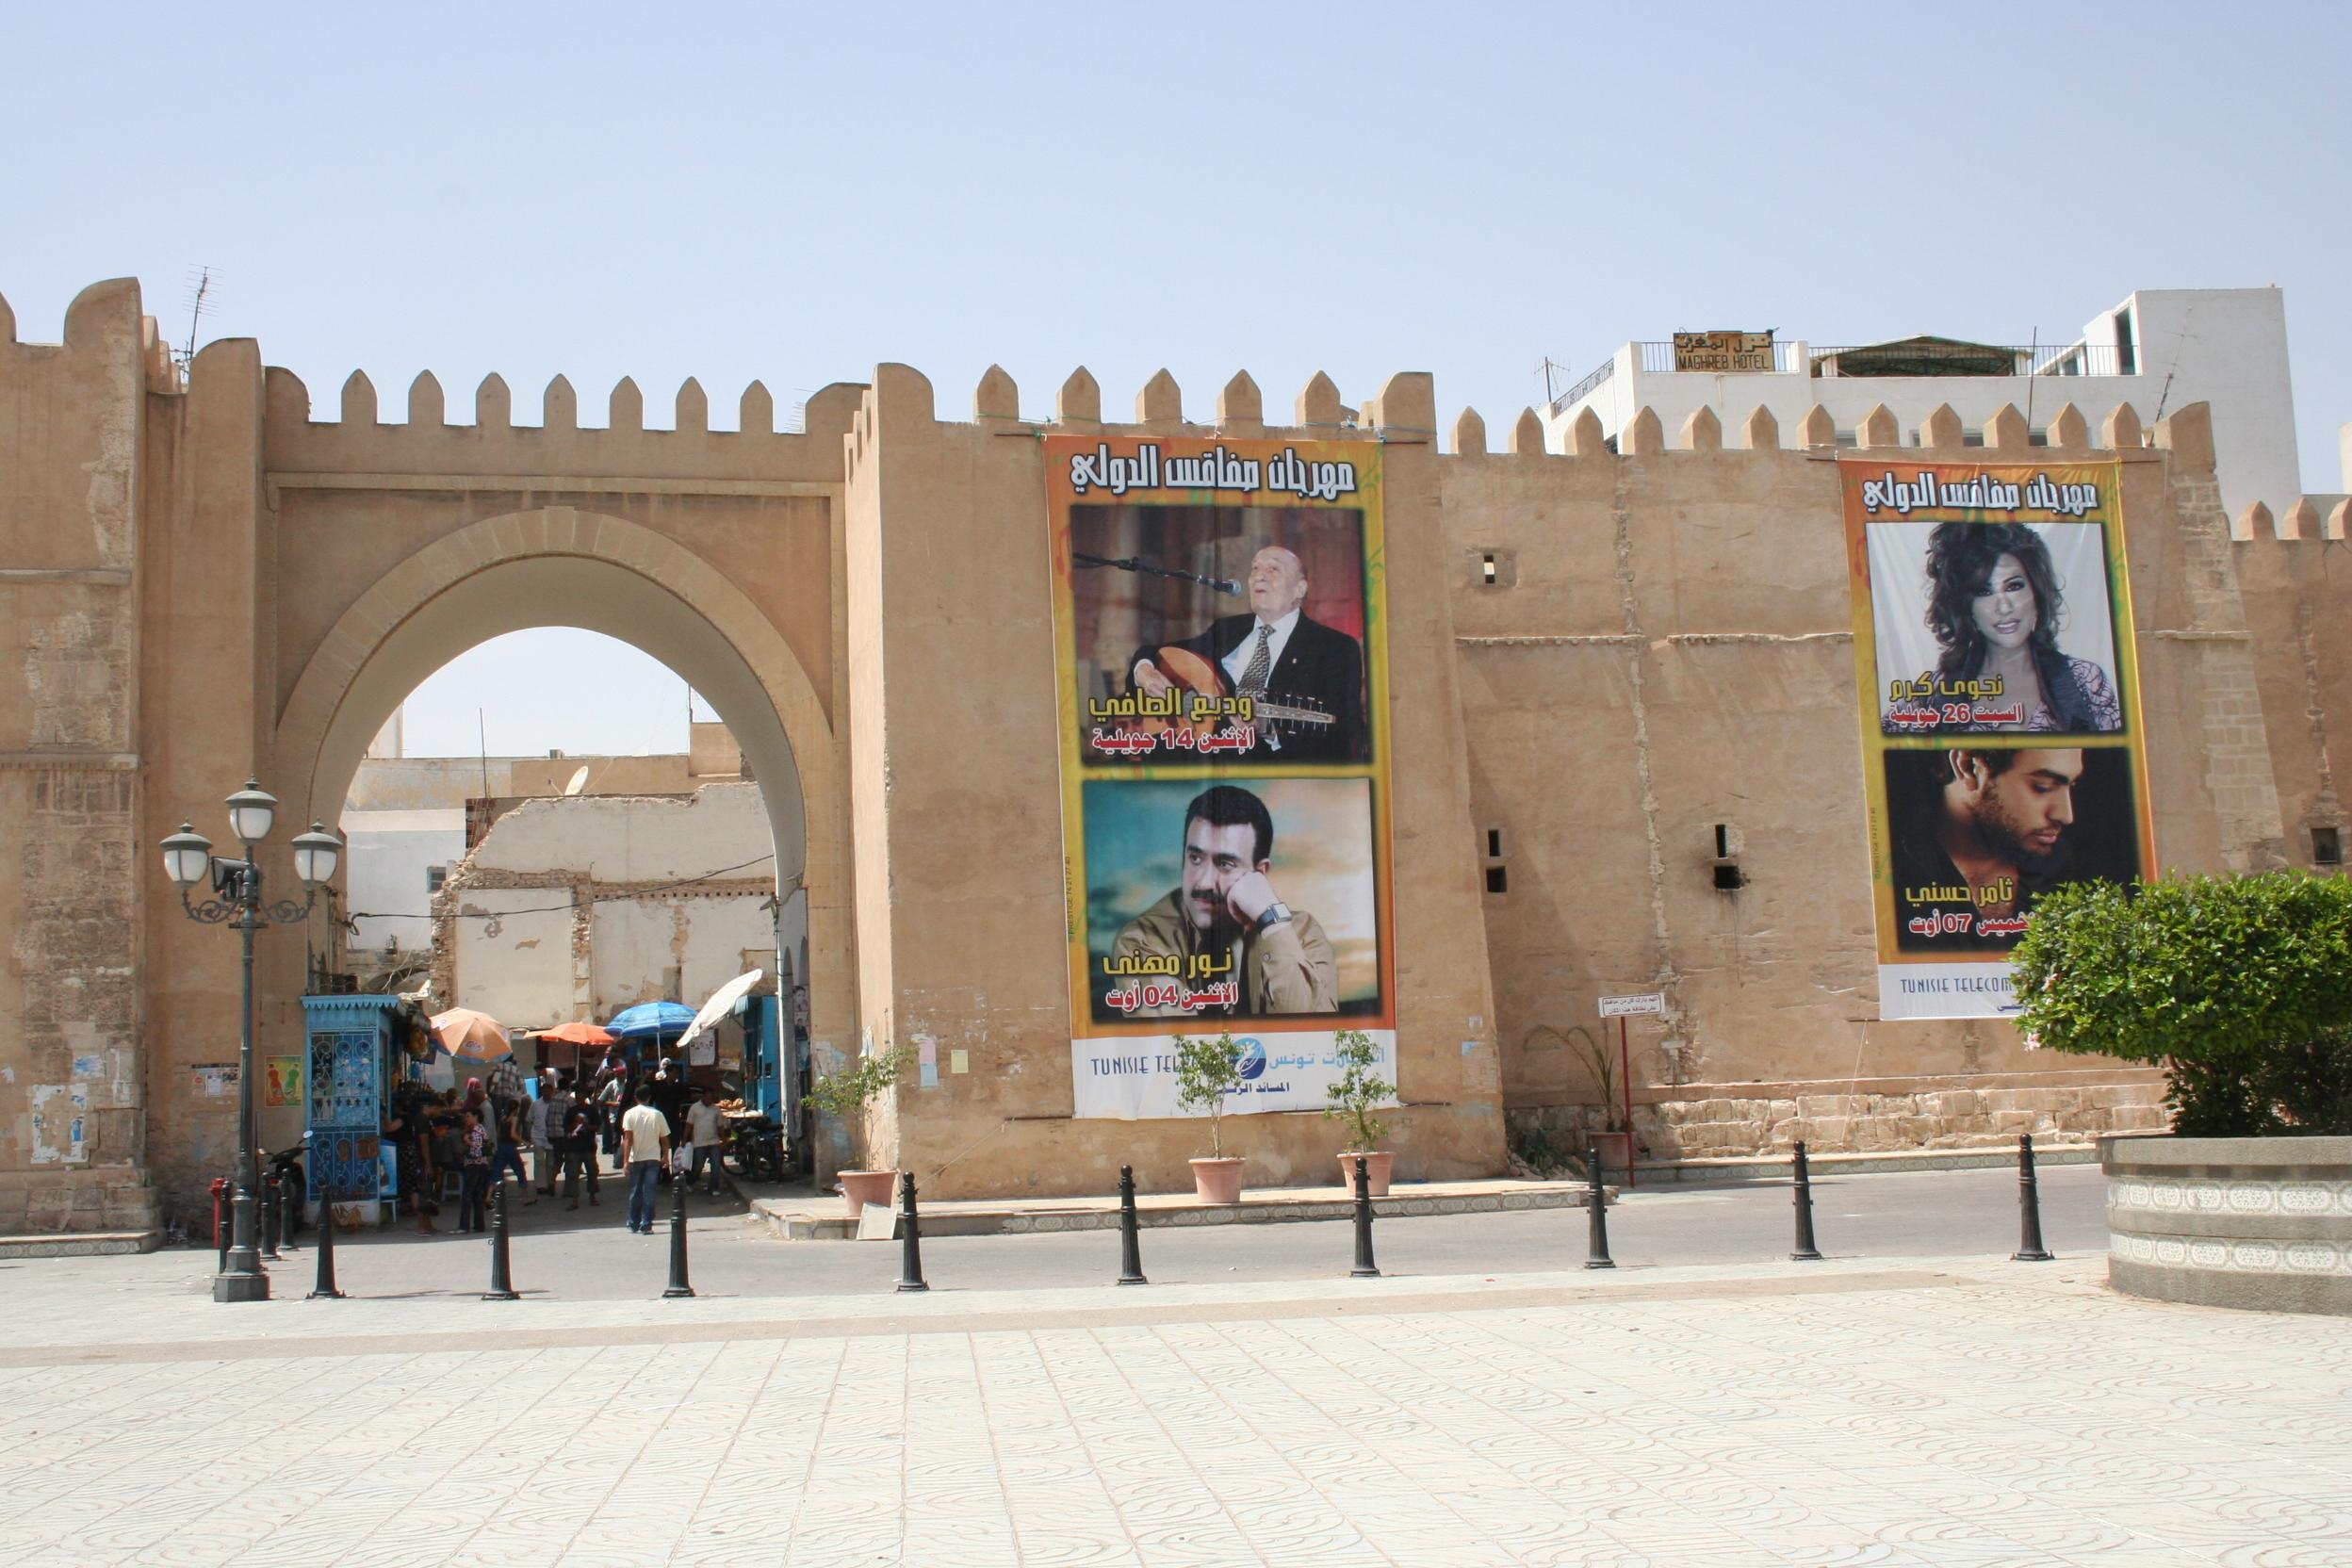 Tunisia 3V8SA DX News